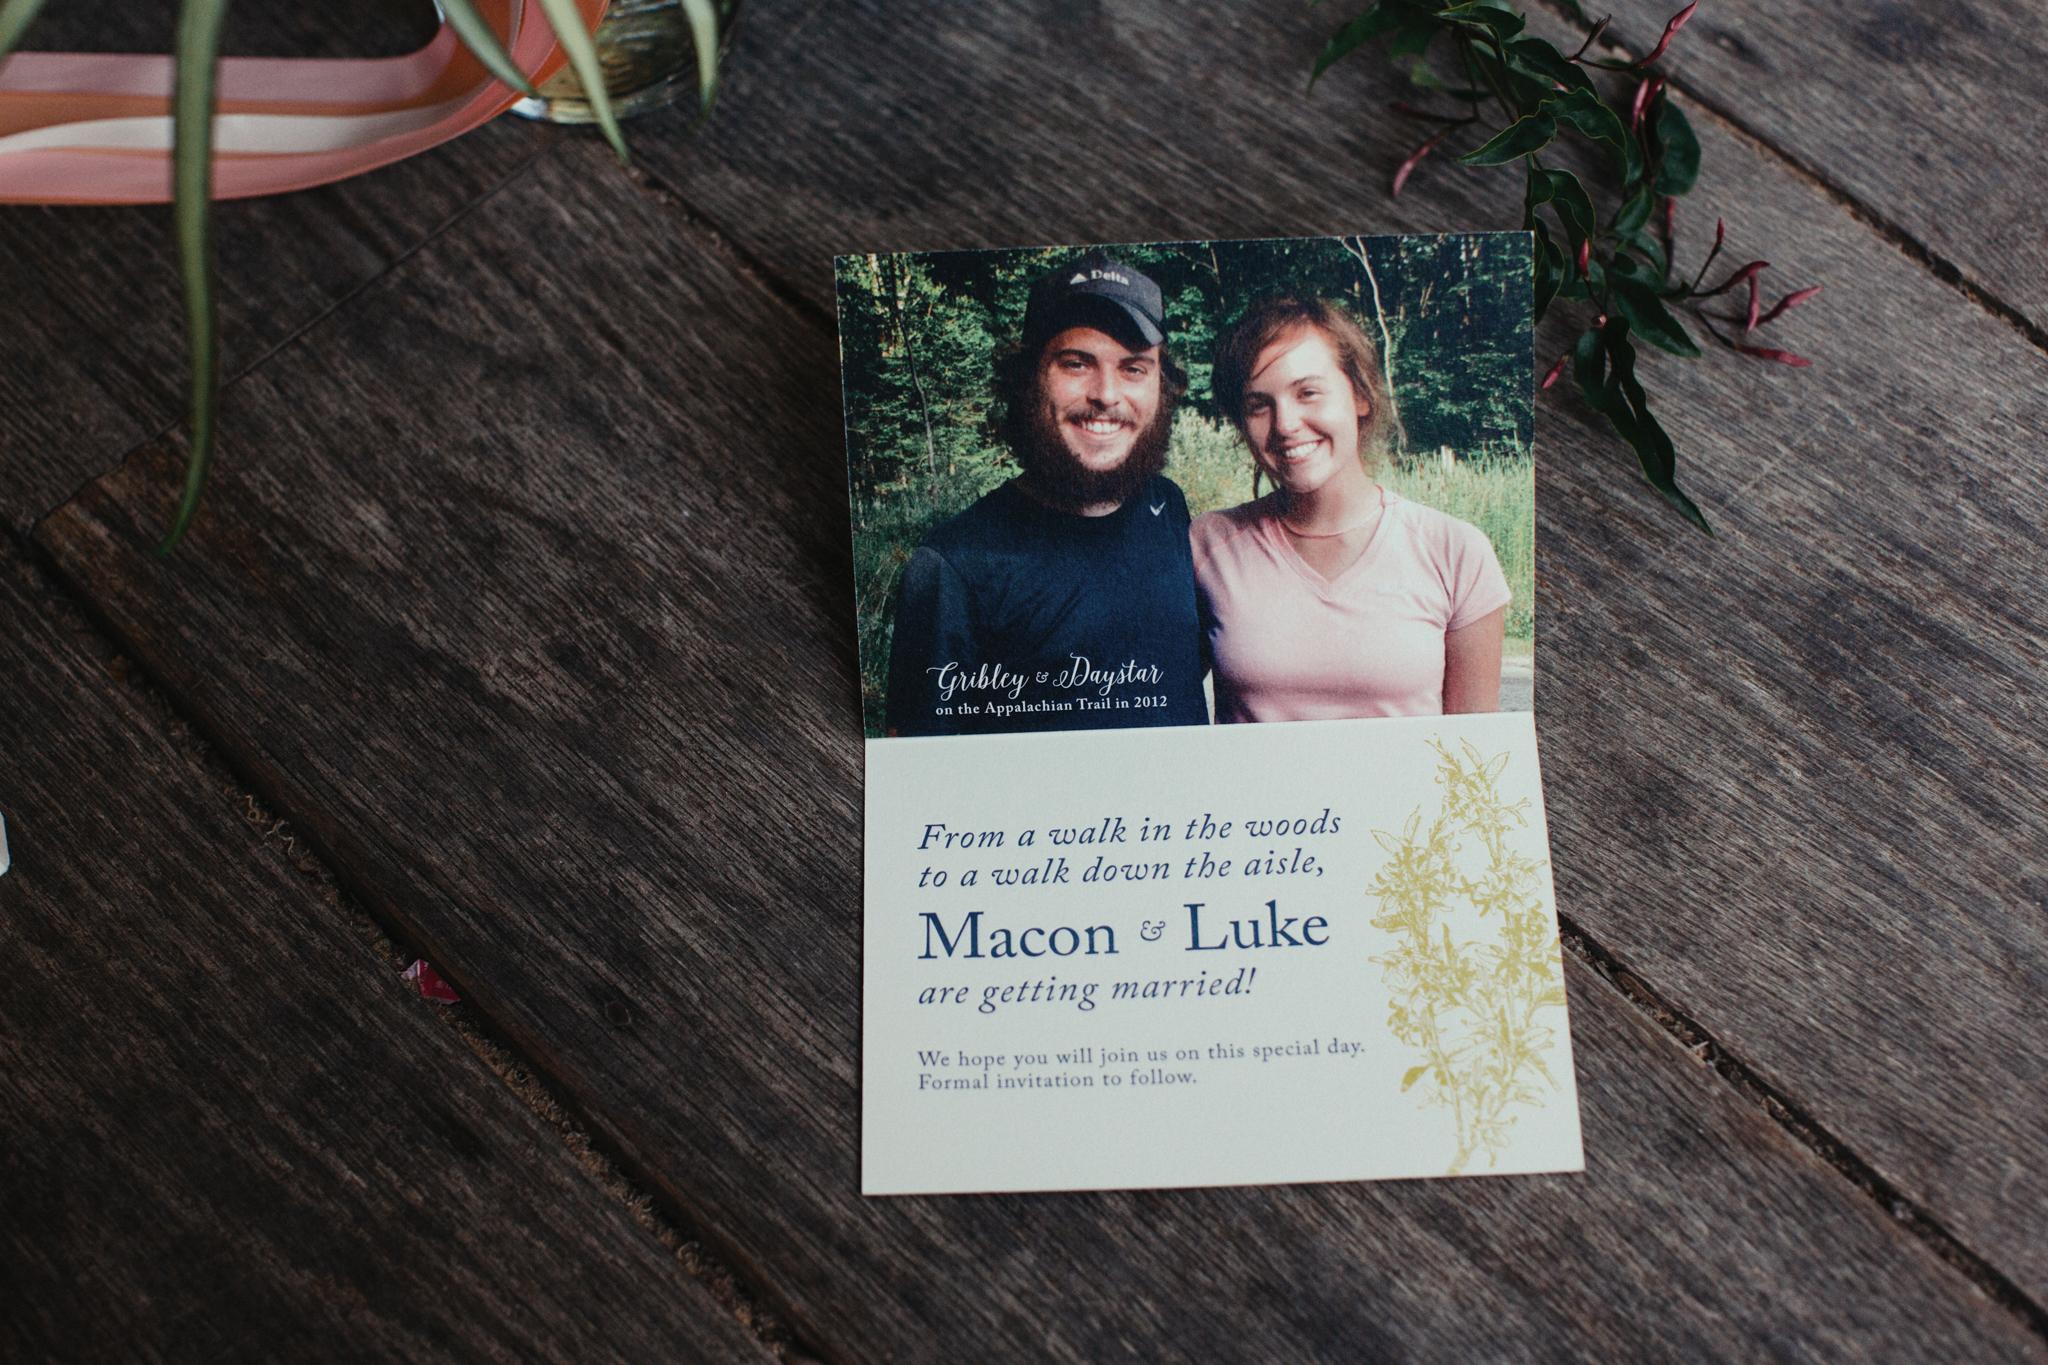 macon-luke-kanuga-wedding-web-resize-33.jpg